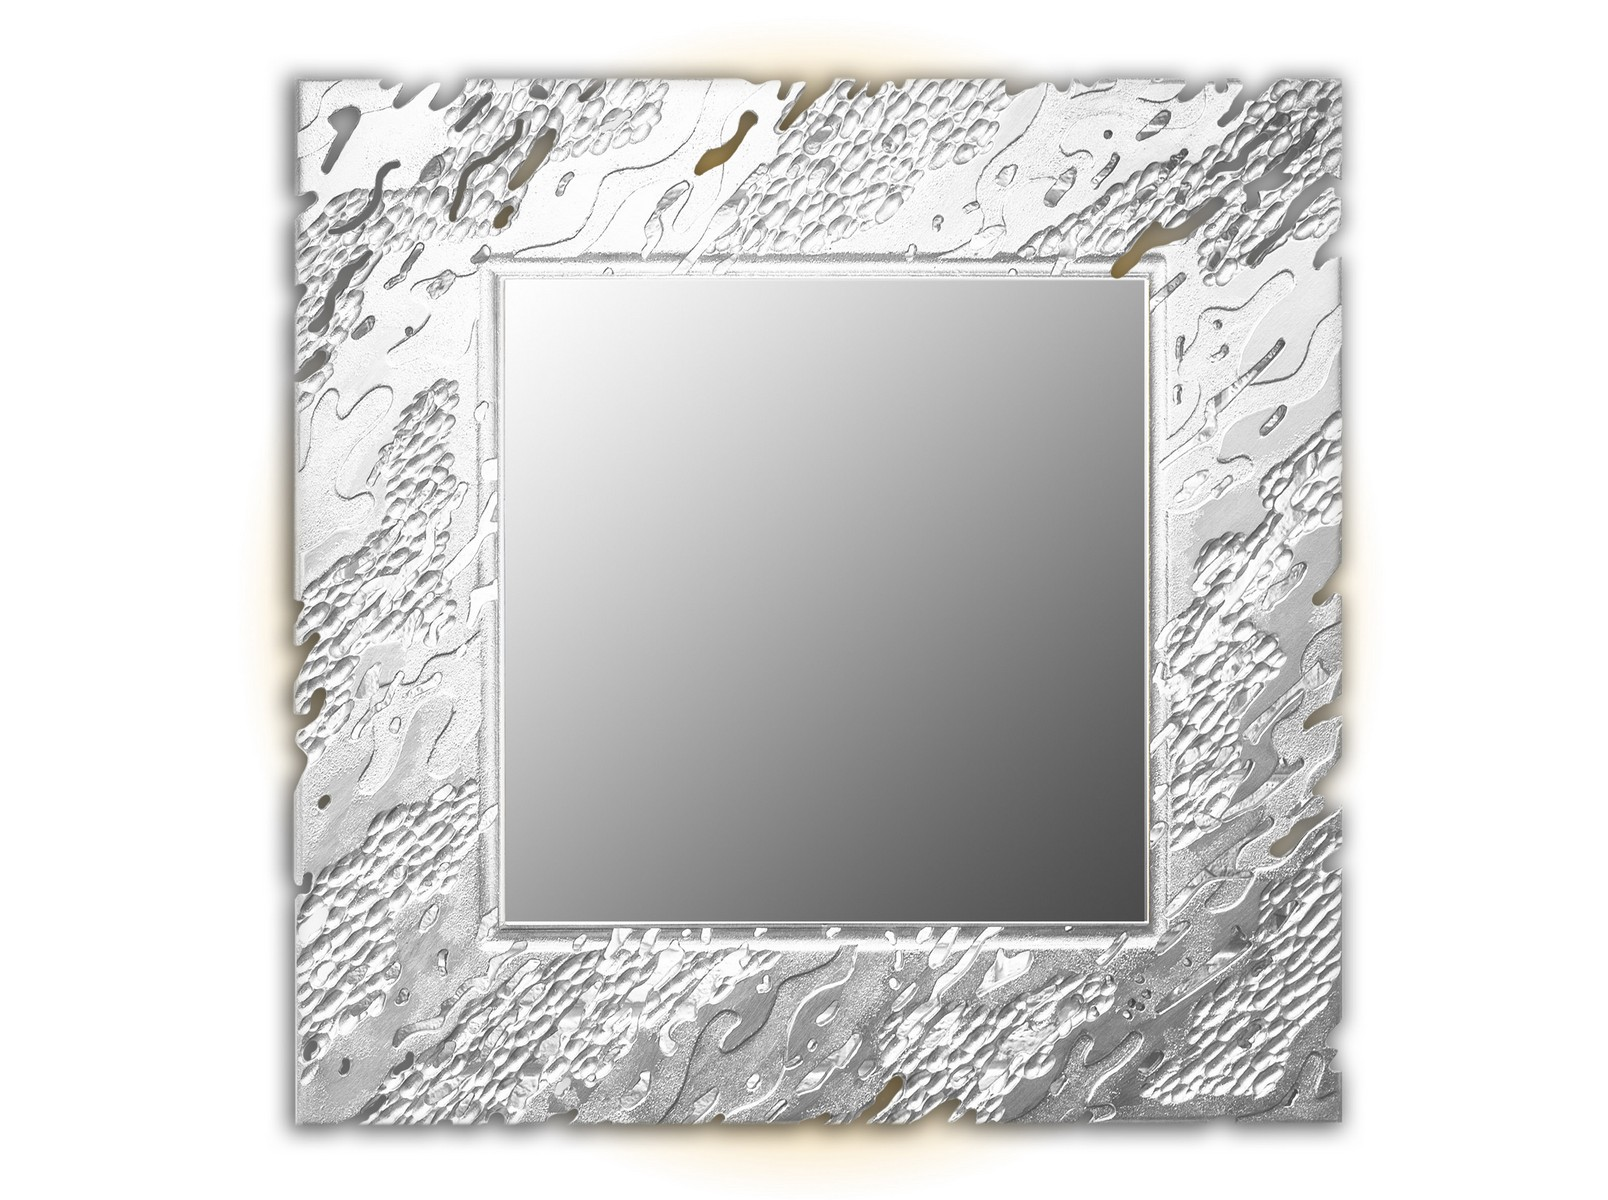 Зеркало REEFНастенные зеркала<br>Ветерок касается воды и солнечные блики играют на ее поверхности. <br>Завораживающая картина, дарящая отдых душе. На нее можно смотреть бесконечно. <br>Резной рисунок на раме зеркал коллекции Reef имитирует рябь на водной глади. <br>Данный вариант представлен в квадратной форме и серебристом цвете<br><br>Material: Дерево<br>Width см: 90<br>Depth см: 0,8<br>Height см: 90